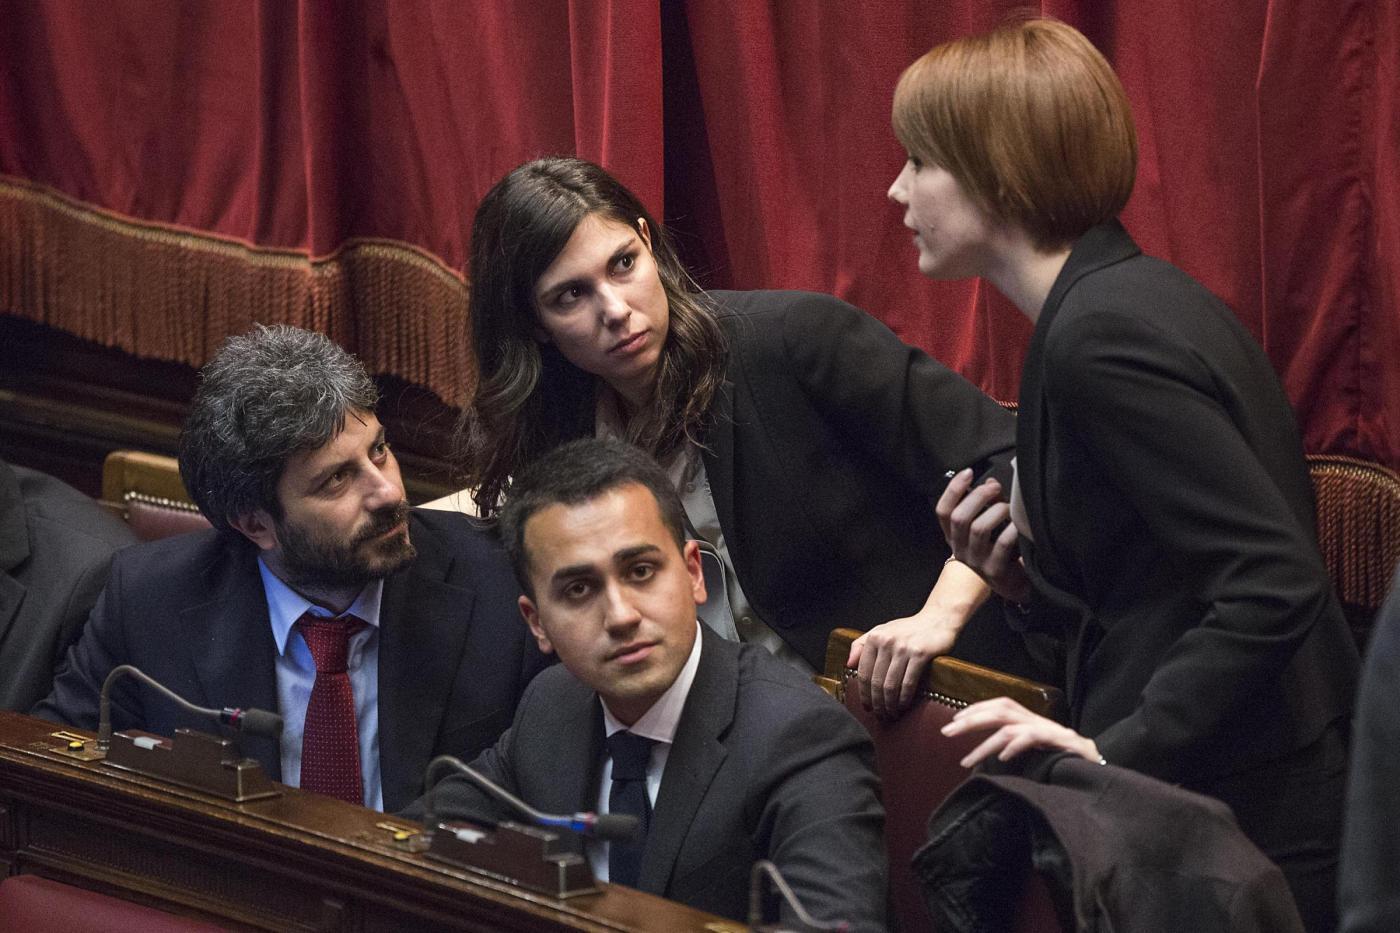 Movimento 5 stelle e la resa dei conti a rischio for Parlamentari 5 stelle elenco